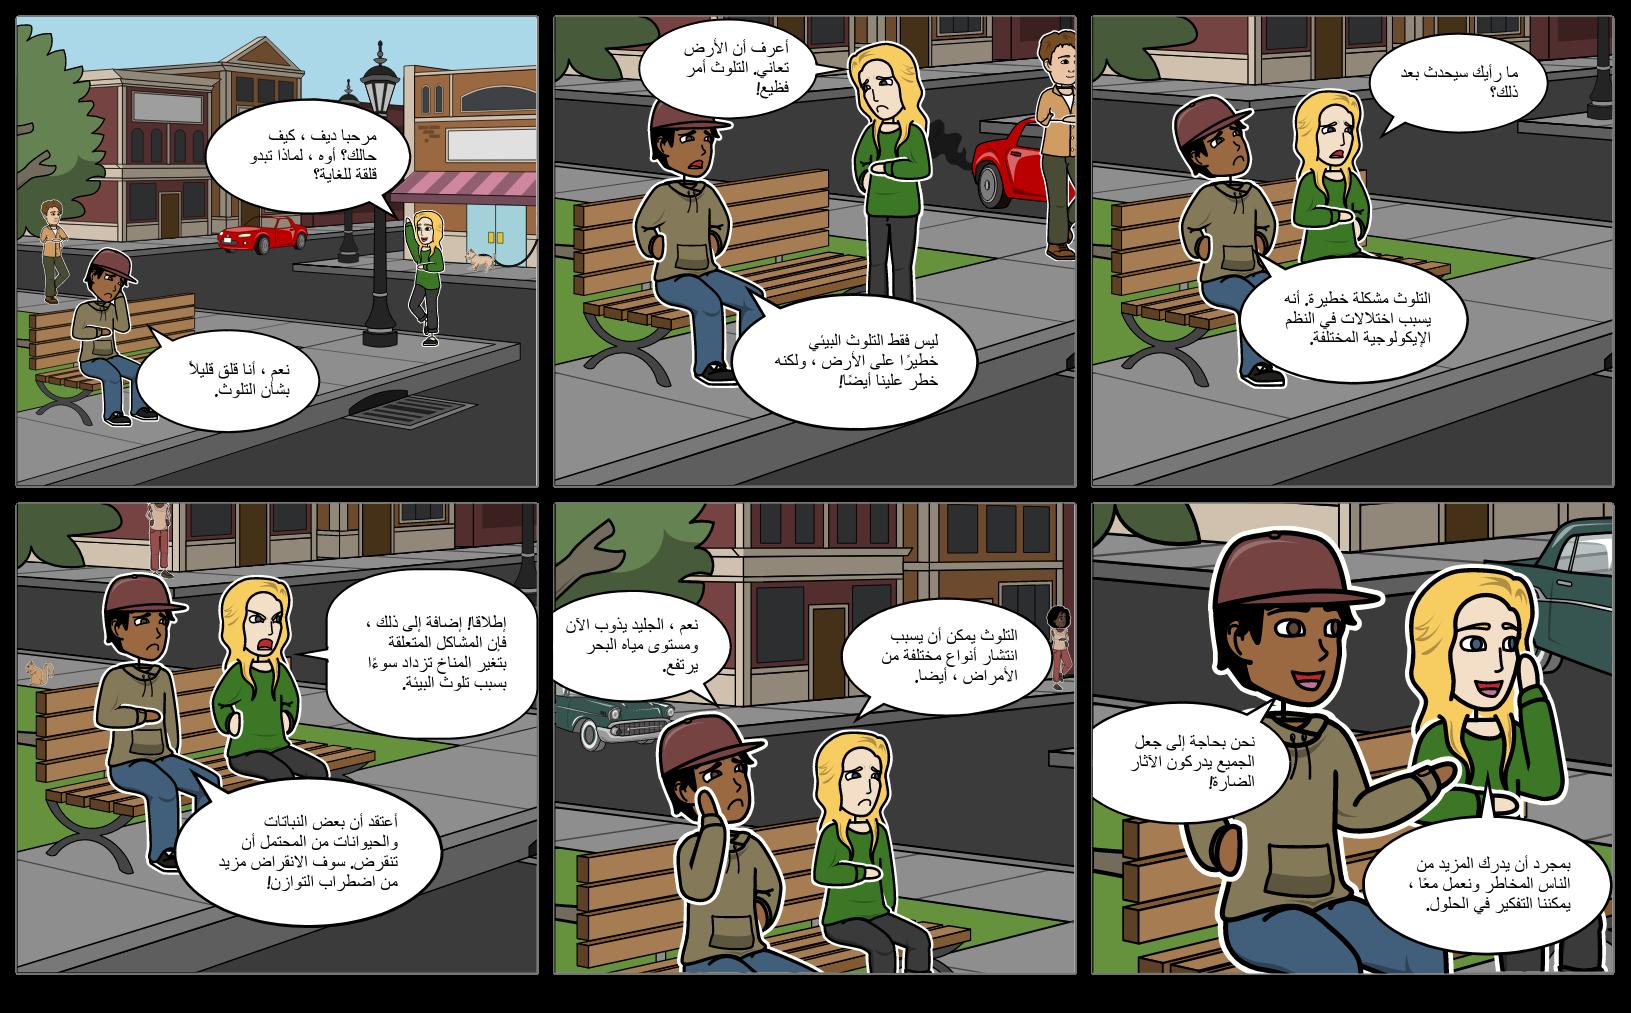 حوار بين اثنين من الأصدقاء على التلوث البيئي Storyboard